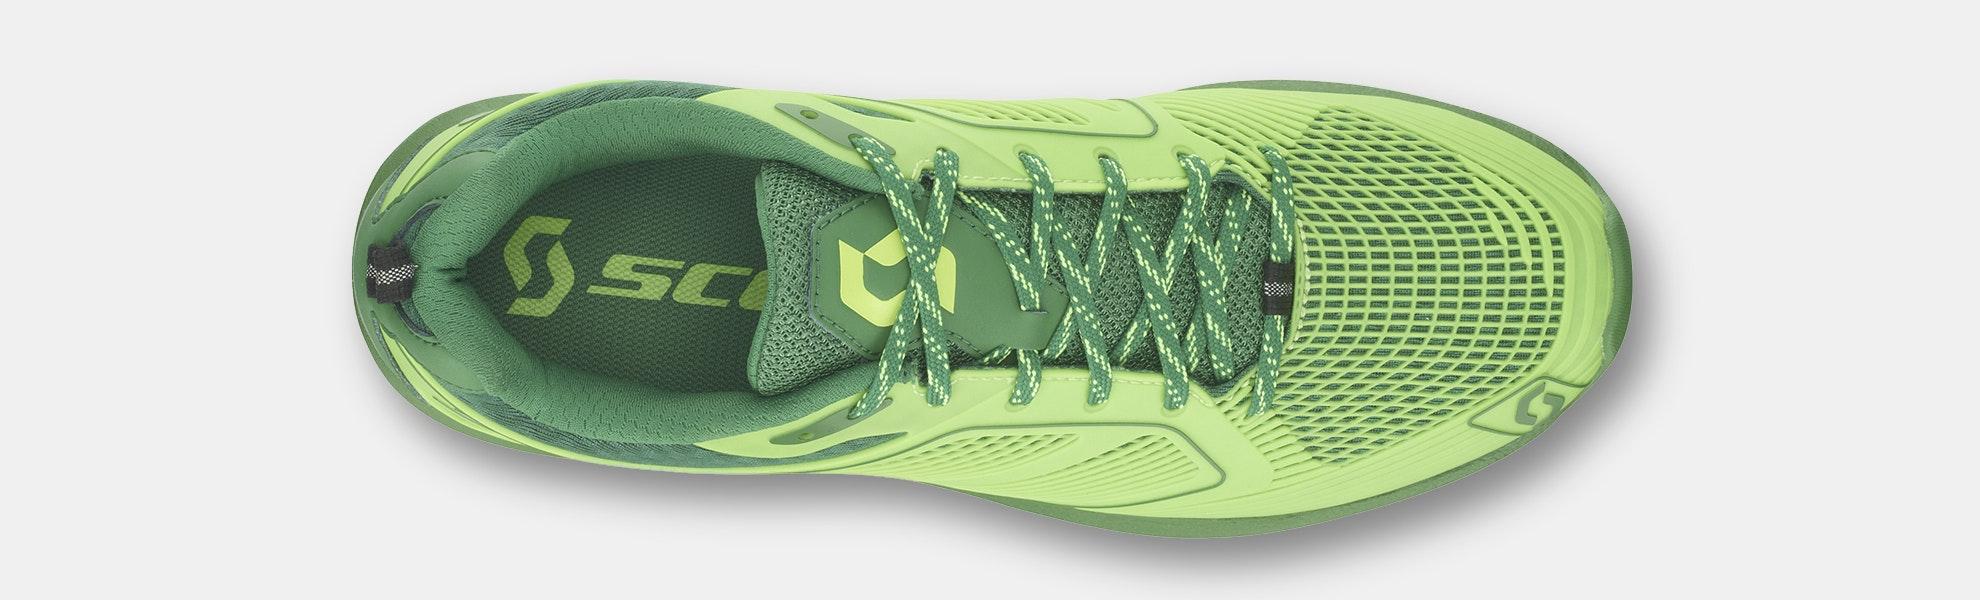 SCOTT Kinabalu Enduro Trail Running Shoe